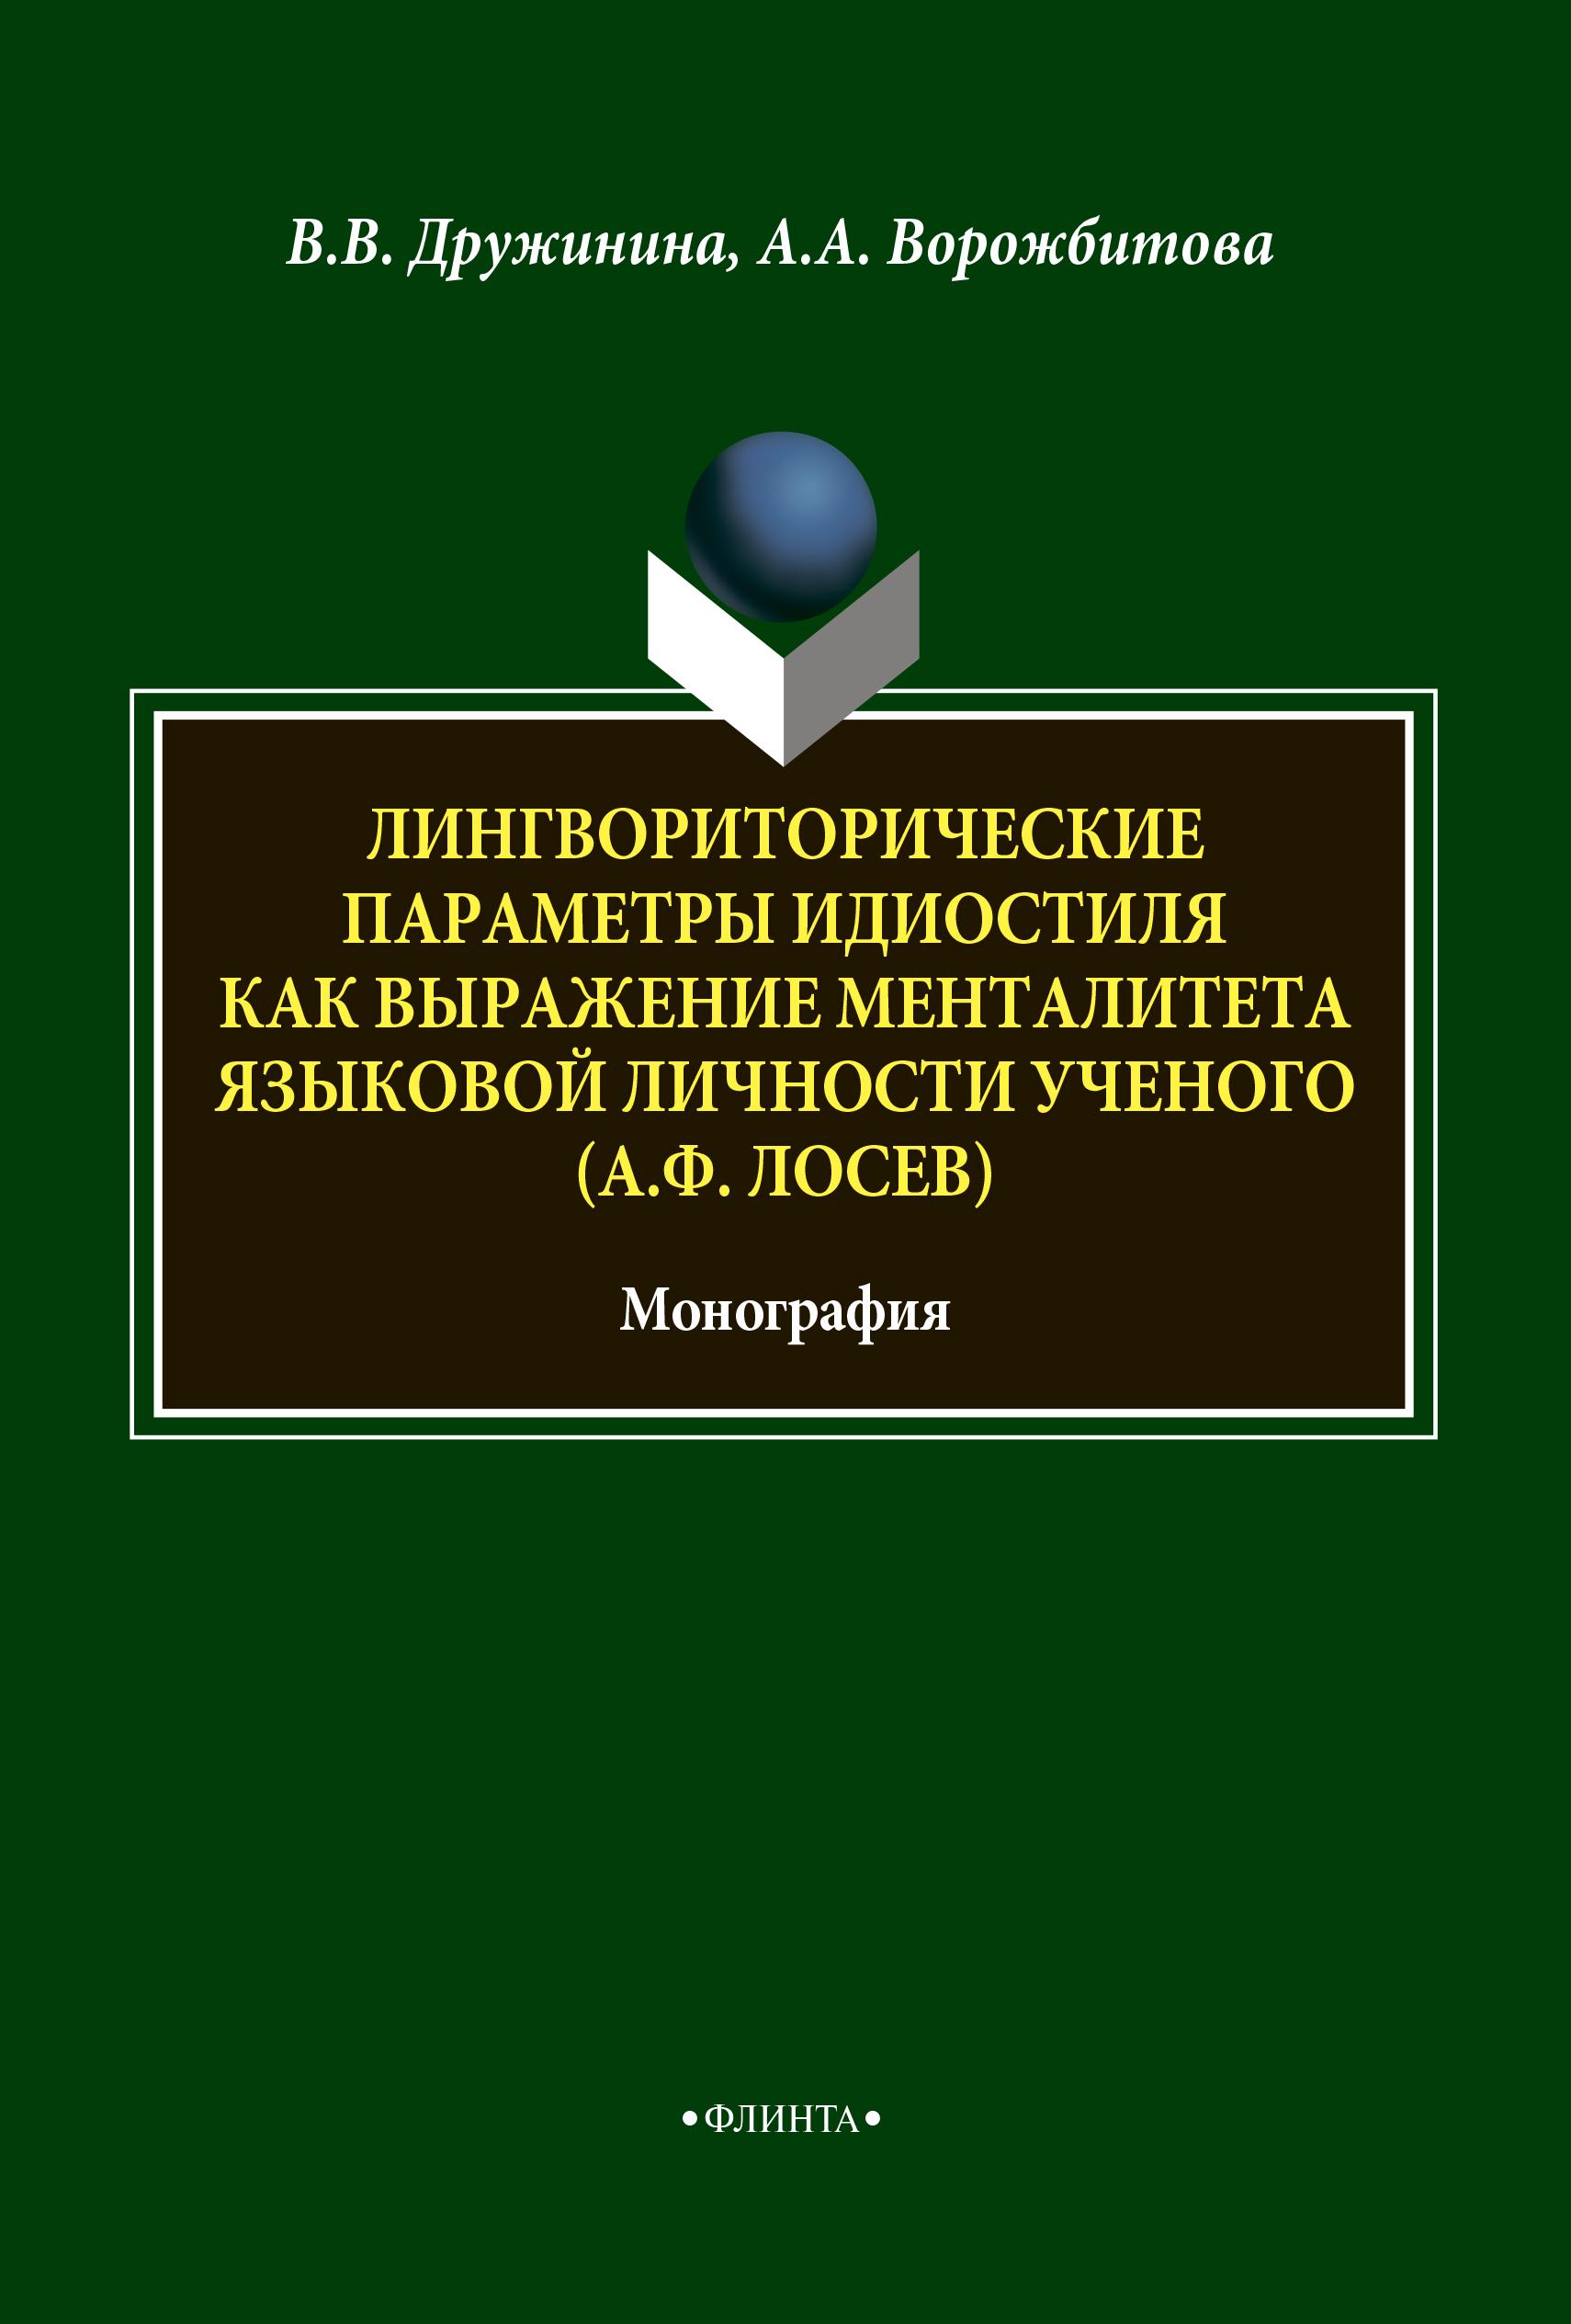 А. А. Ворожбитова Лингвориторические параметры идиостиля как выражение менталитета языковой личности ученого (А. Ф. Лосев) а а ворожбитова дискурсивное пространство сочинского региона как объект лингвориторического исследования